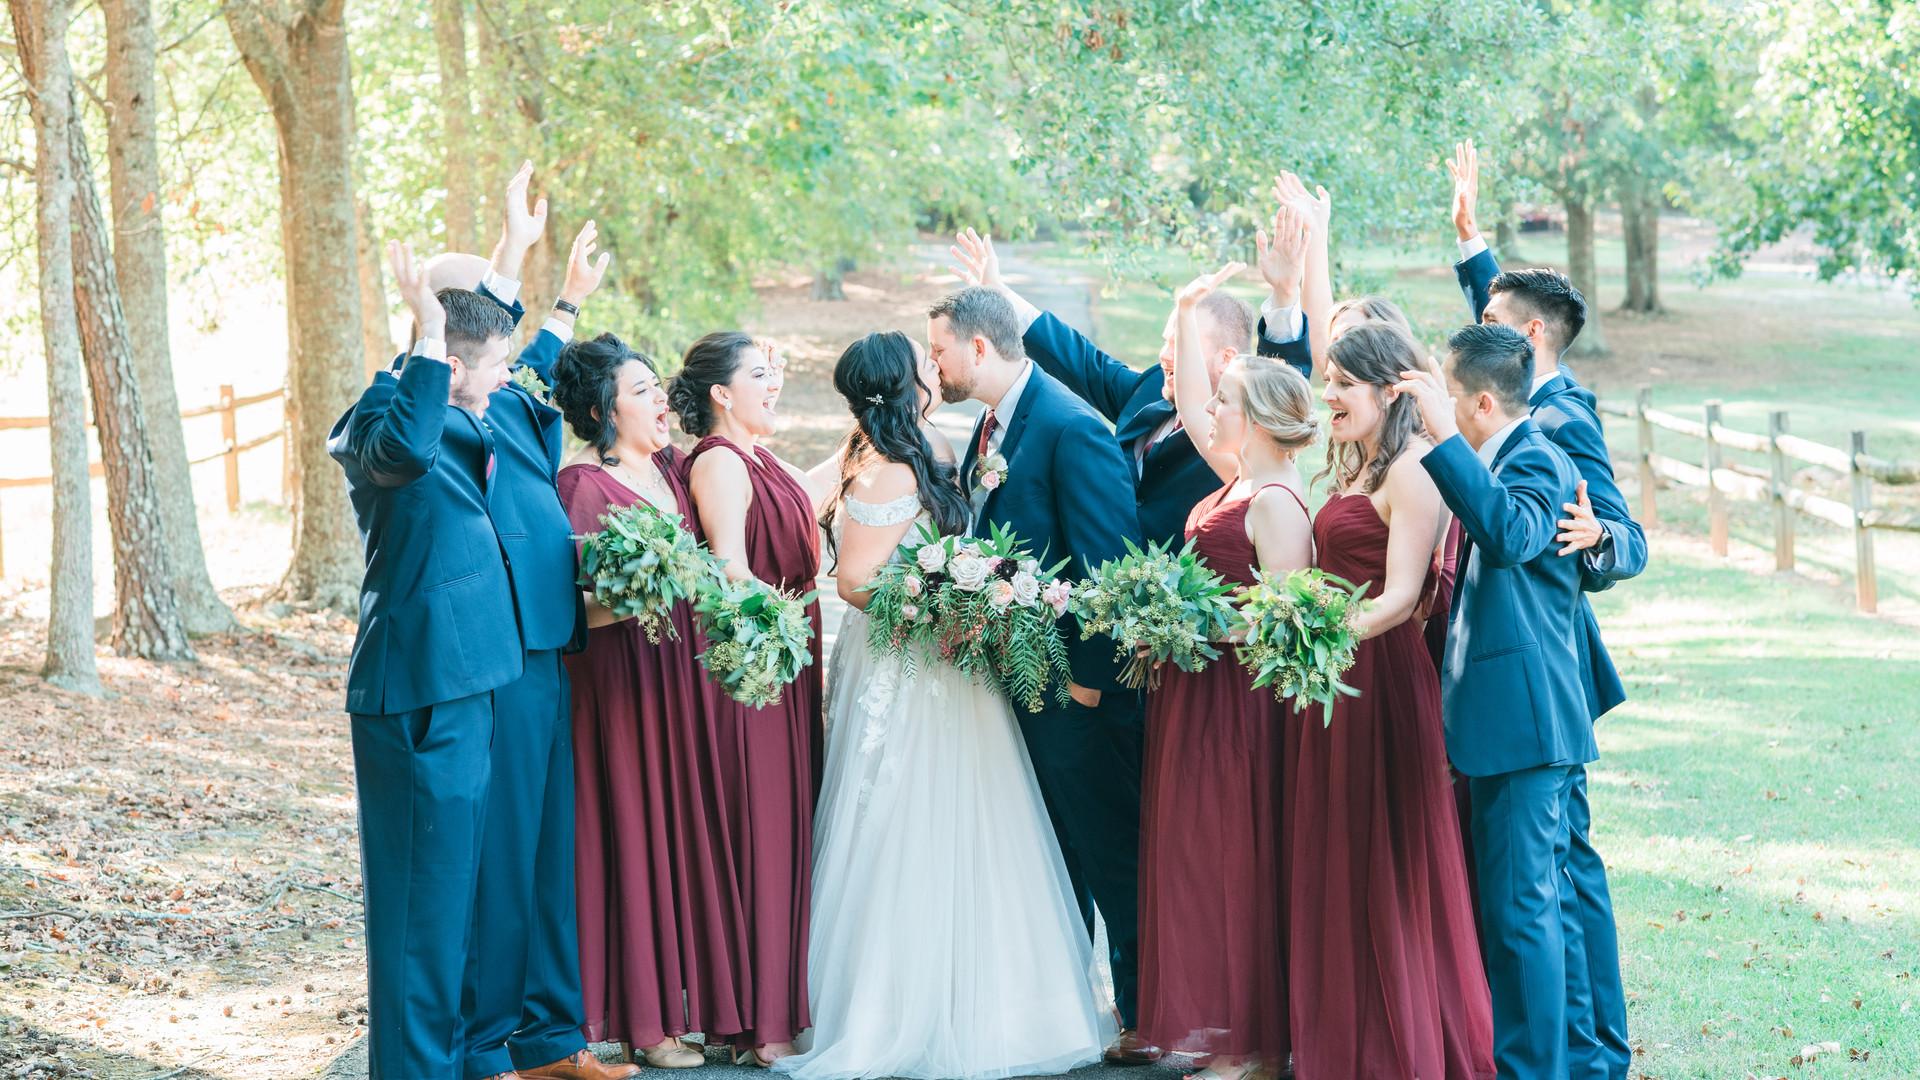 the-barn-at-oak-manor-wedding-venue-atla